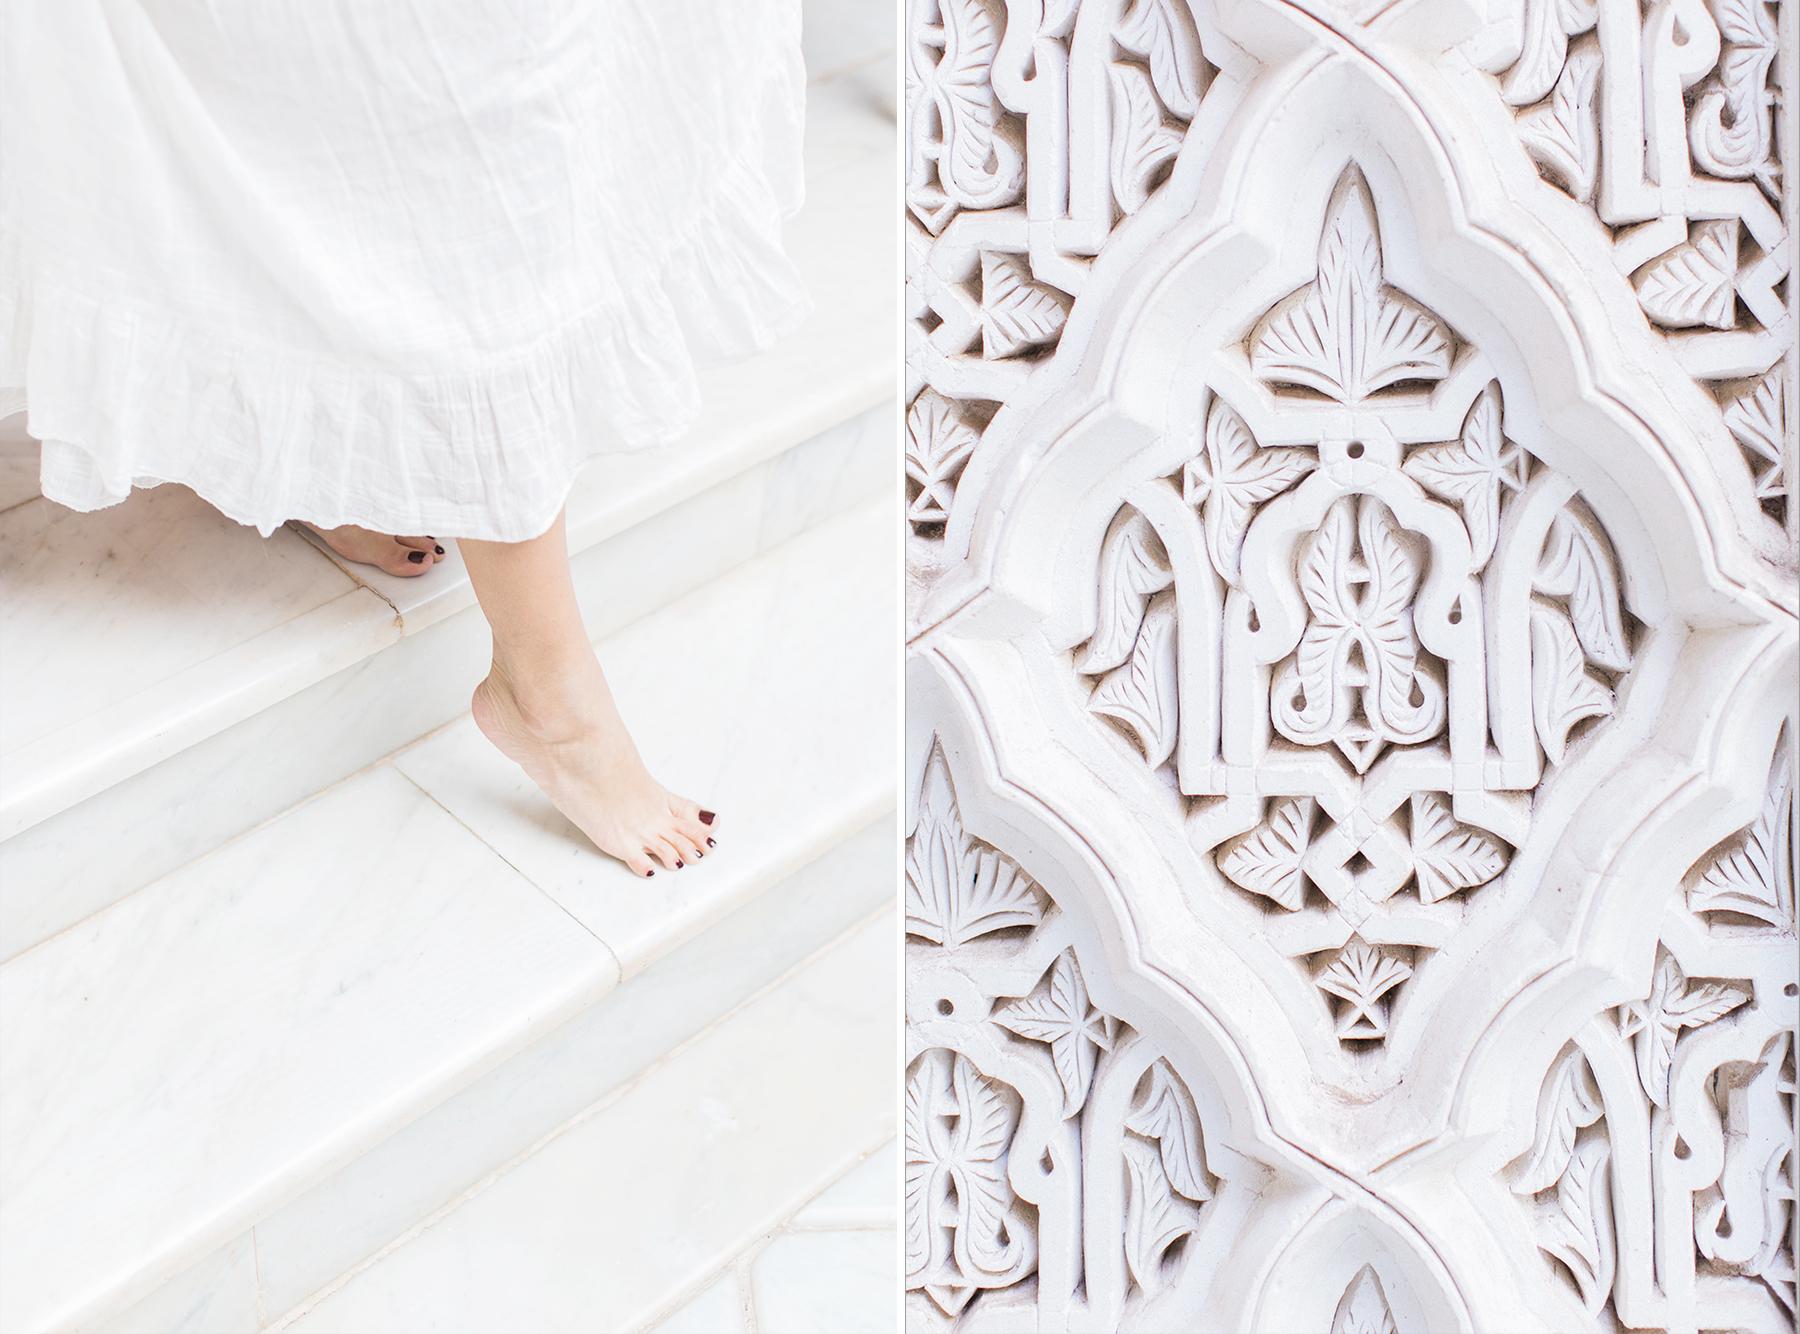 La_Sultana_Marrakech_1.jpg